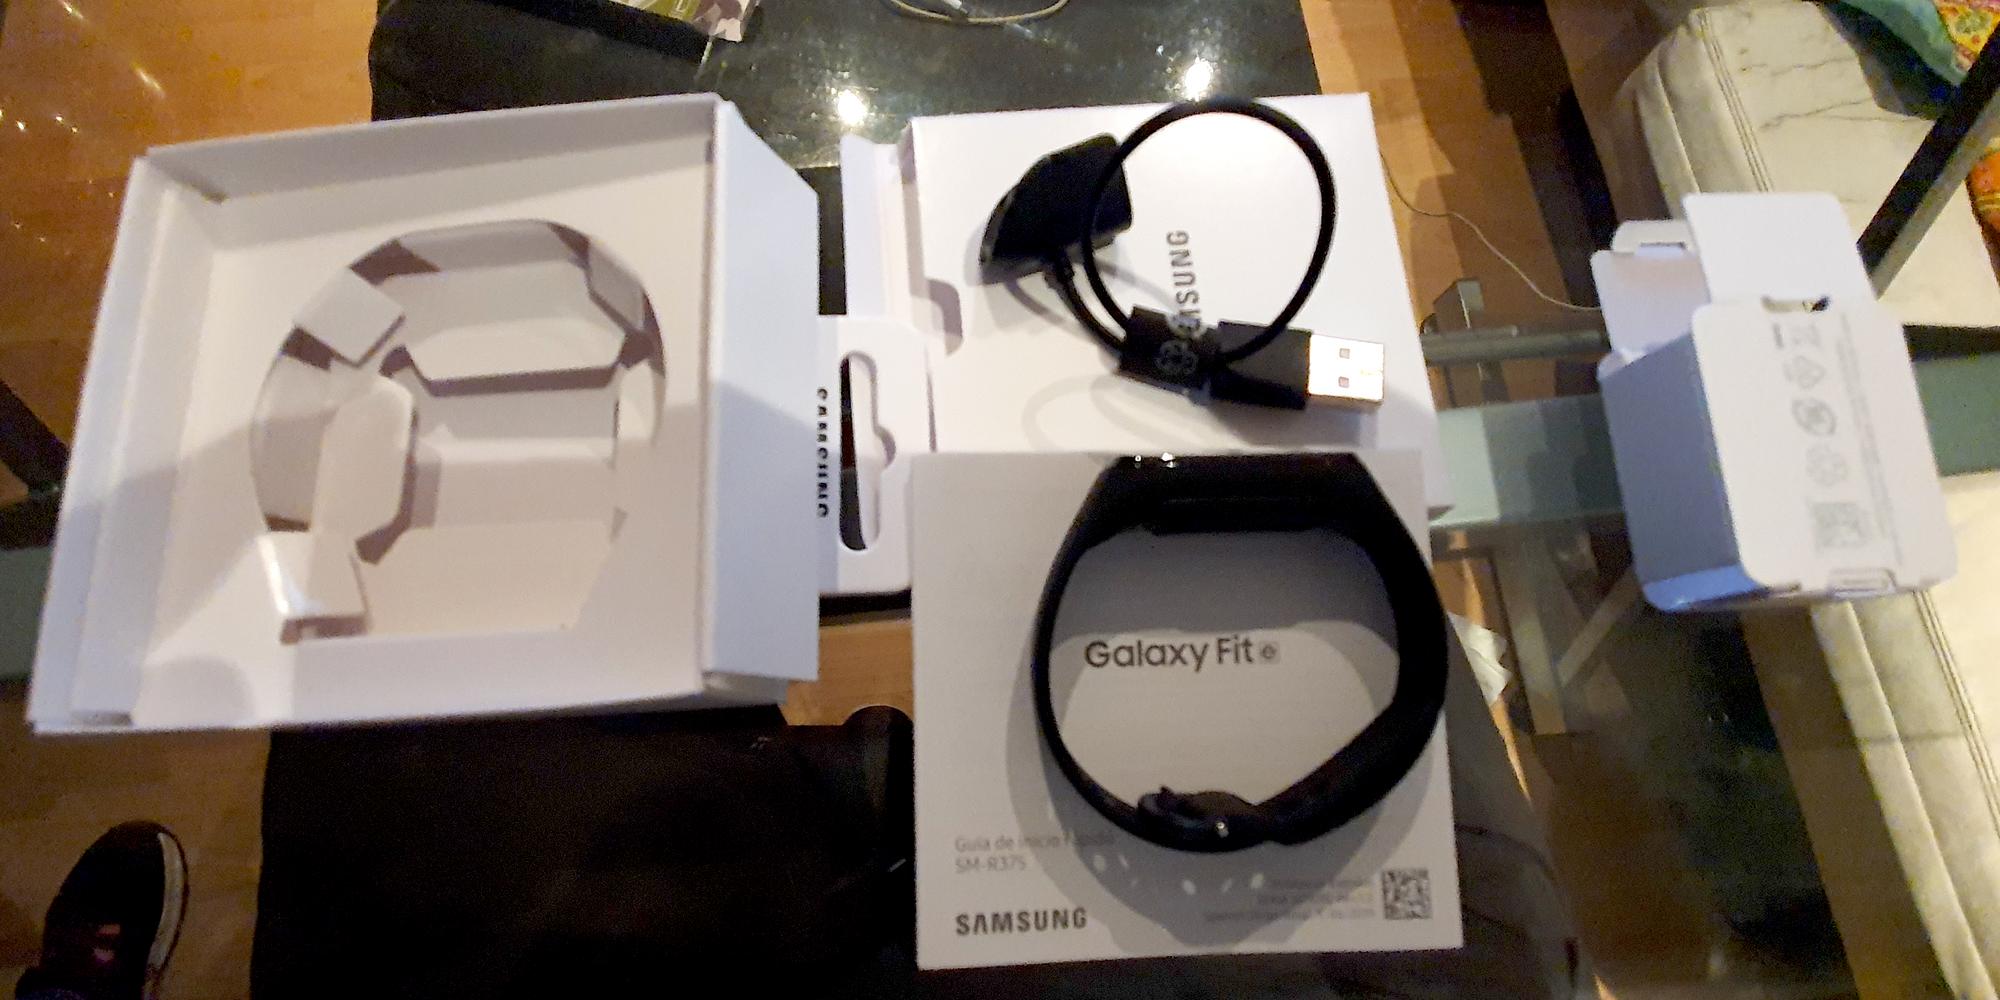 Galaxy Fit e SM-R375